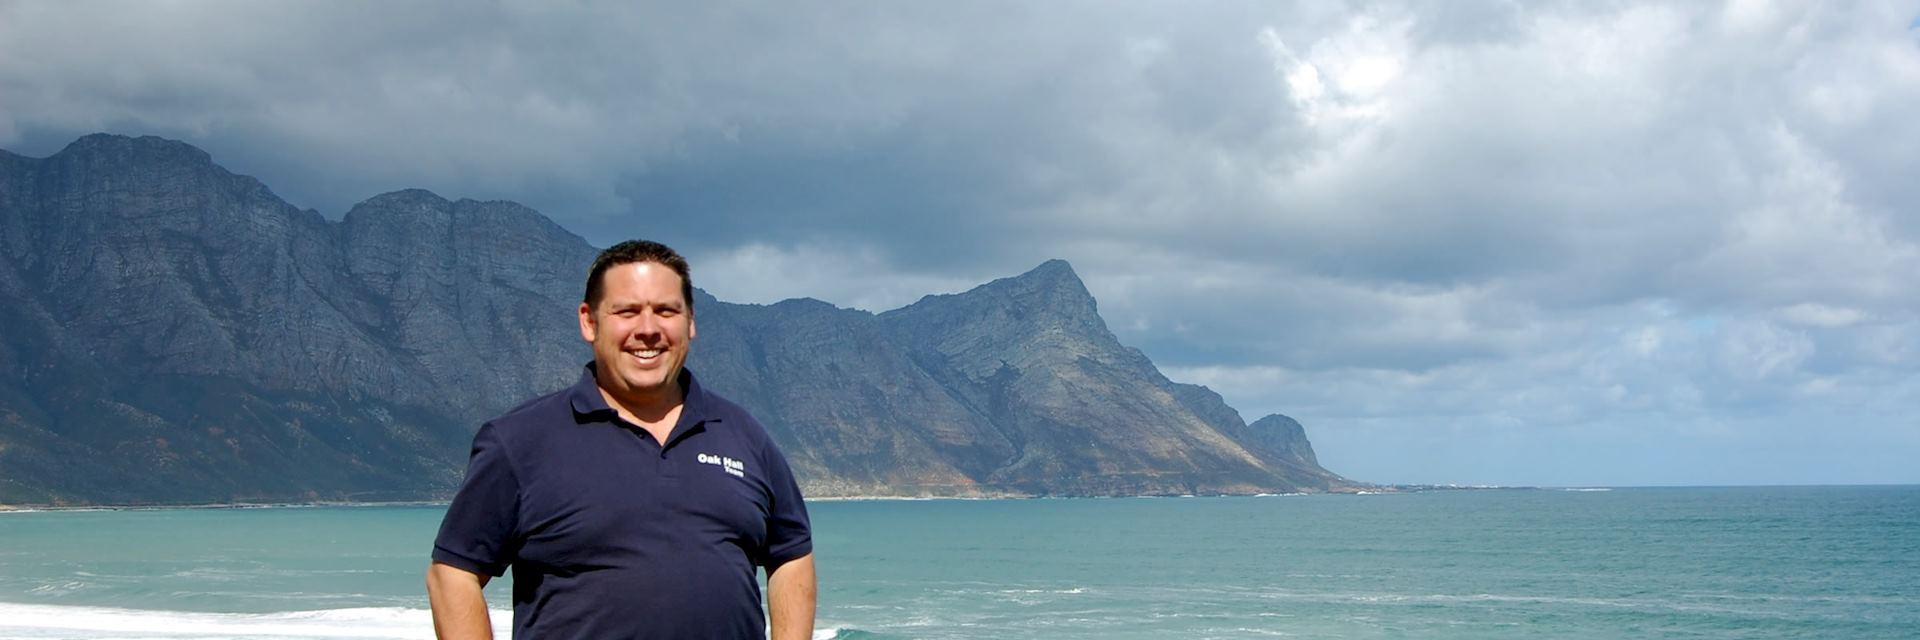 Steve at Walker Bay, South Africa